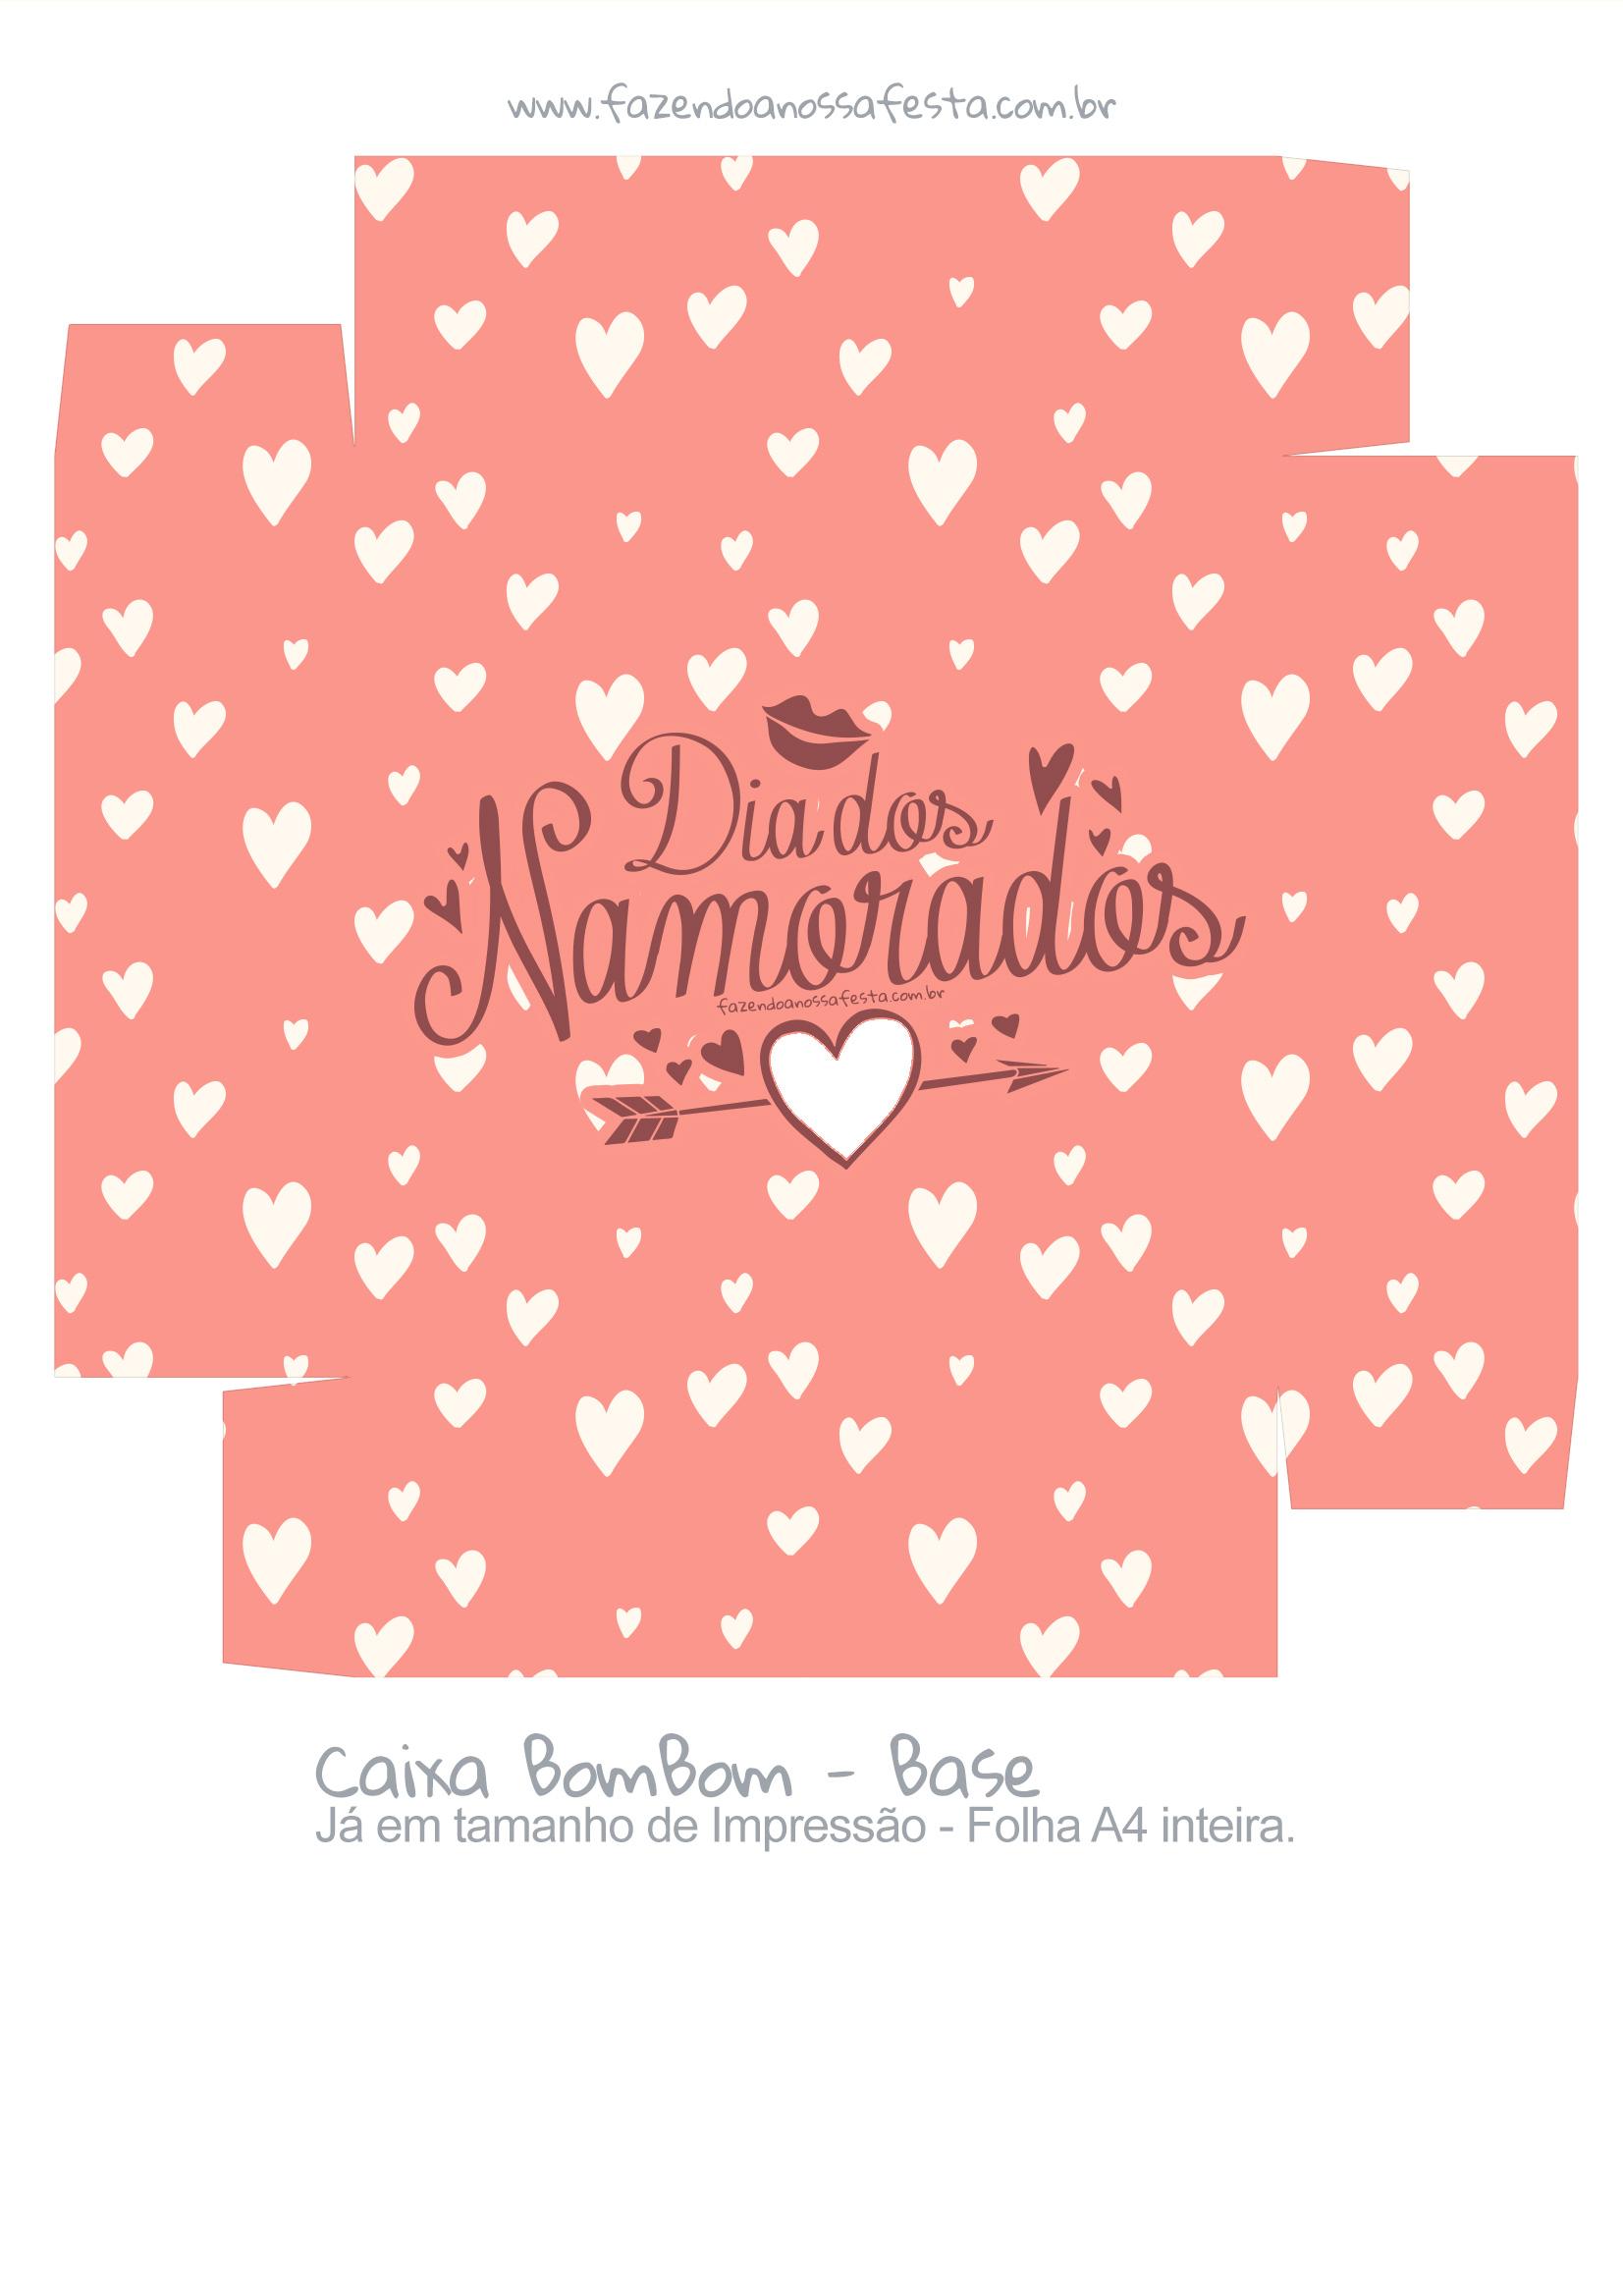 Caixa Bombom Dia dos Namorados Salmao - parte 2